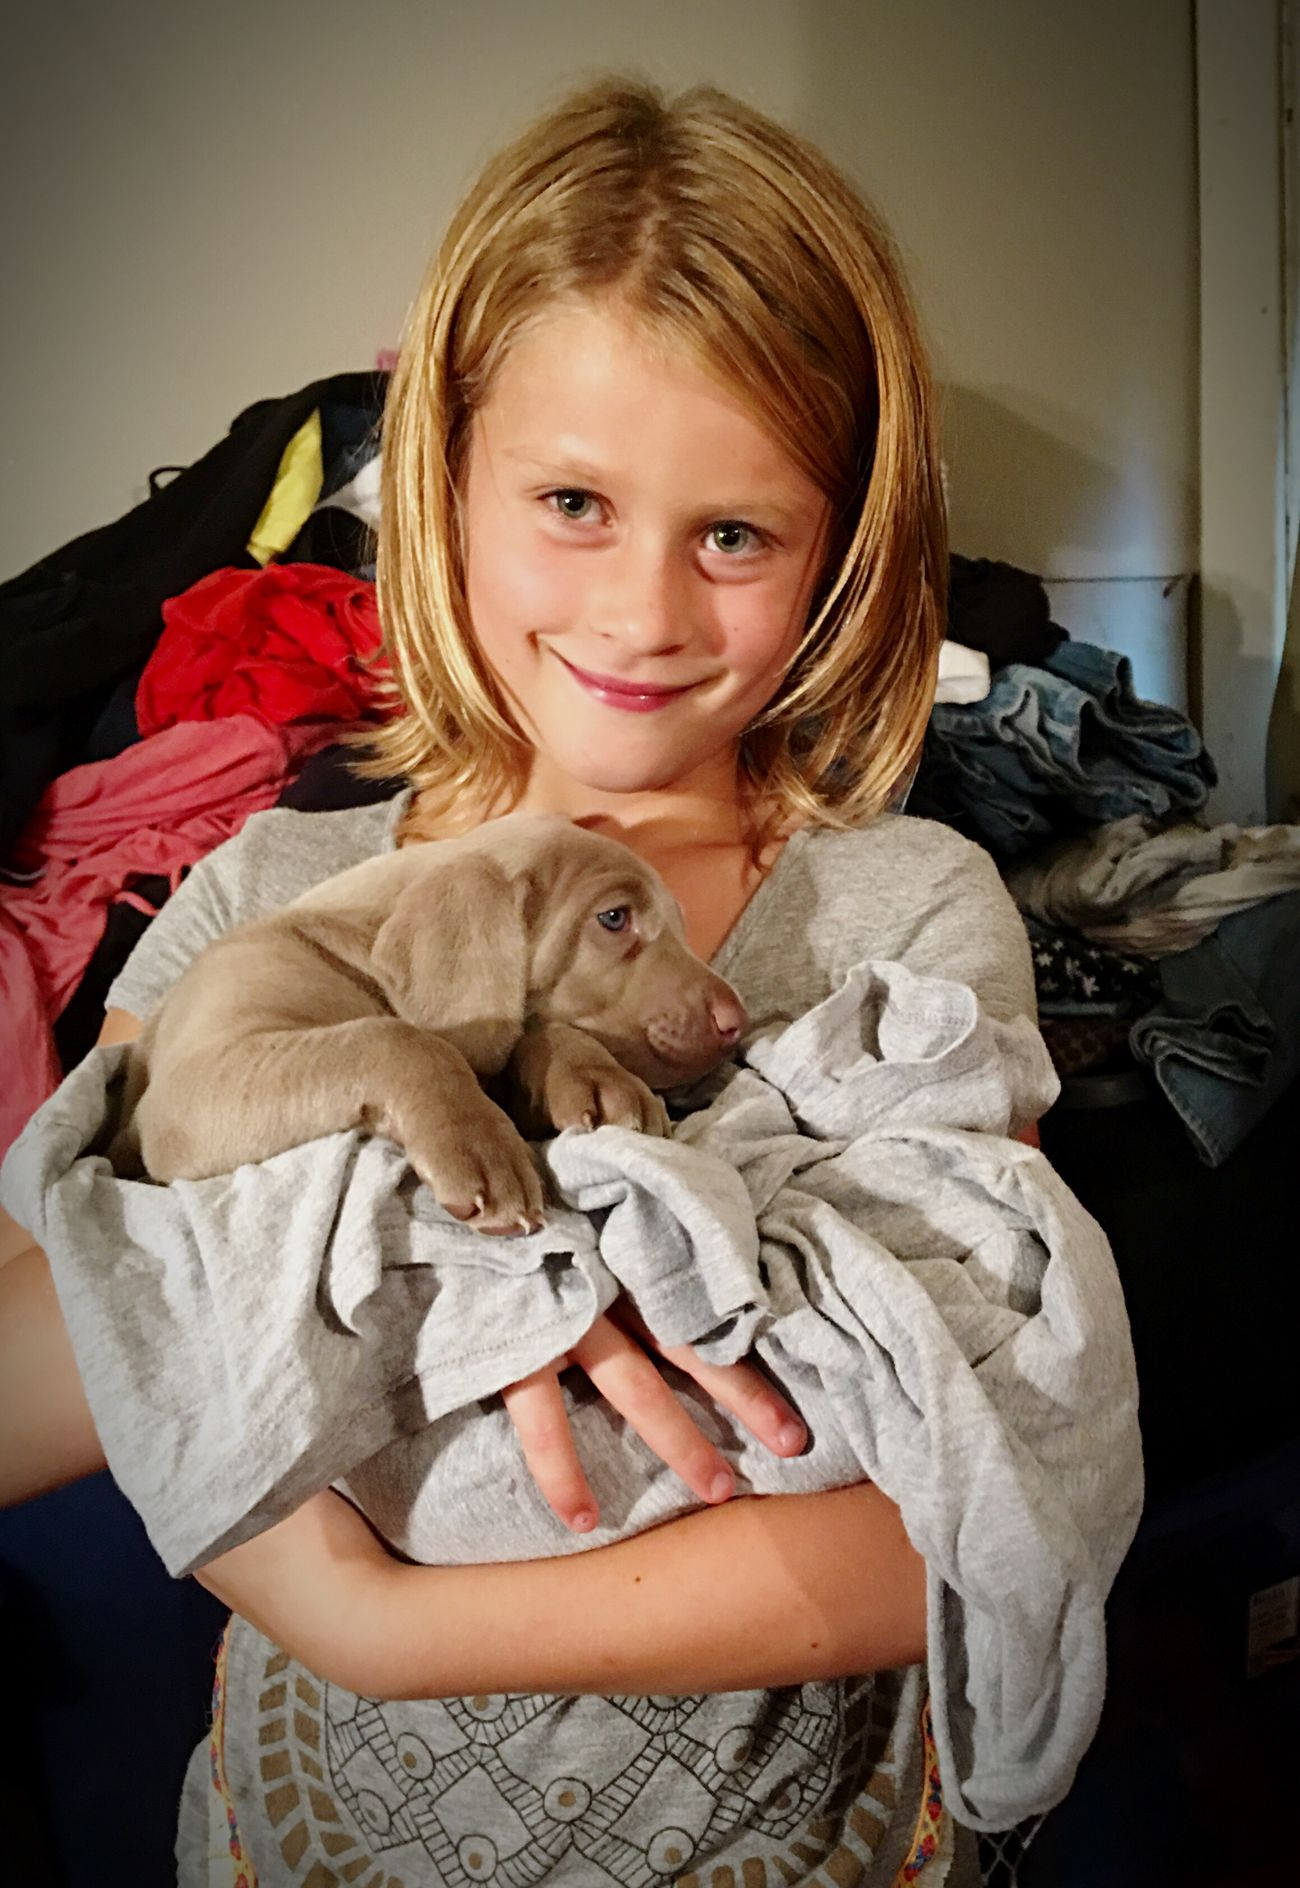 Puppy Childhood Weinheimer Weinheim Weinhemer Puppy Dogs Cute Grey Blue Eyes Daughter Girls Ilovemydogs Lovedogs